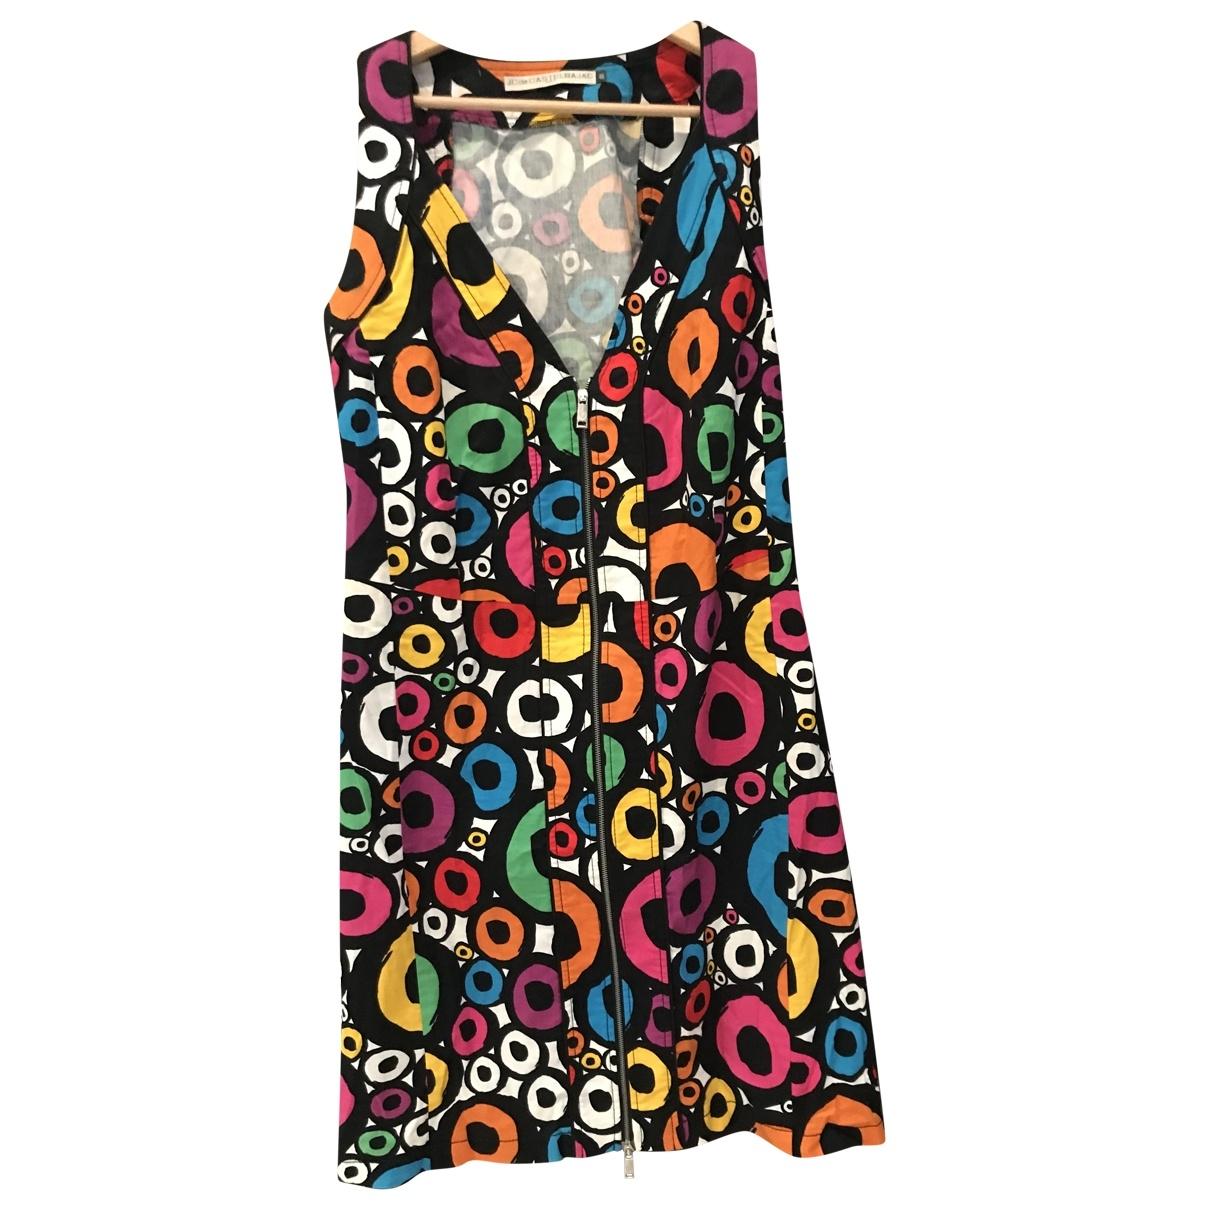 Jc De Castelbajac \N Kleid in  Bunt Baumwolle - Elasthan